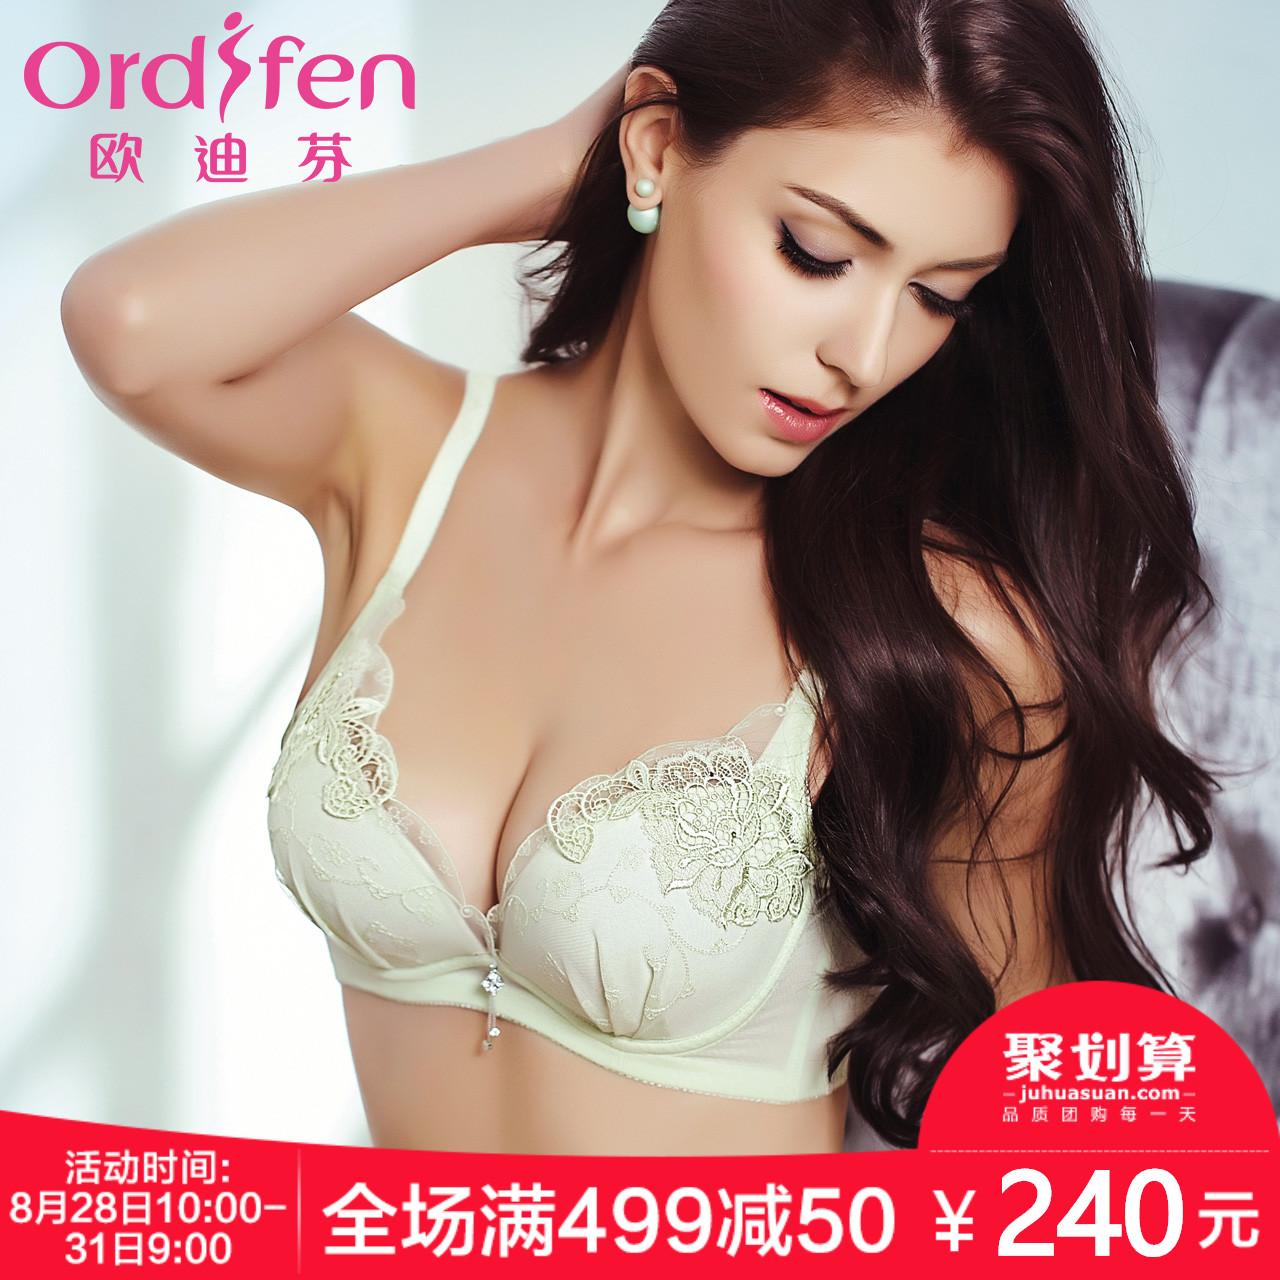 欧迪芬 缱绻时光 按摩水袋刺绣文胸侧收聚拢女士内衣小胸OB6117